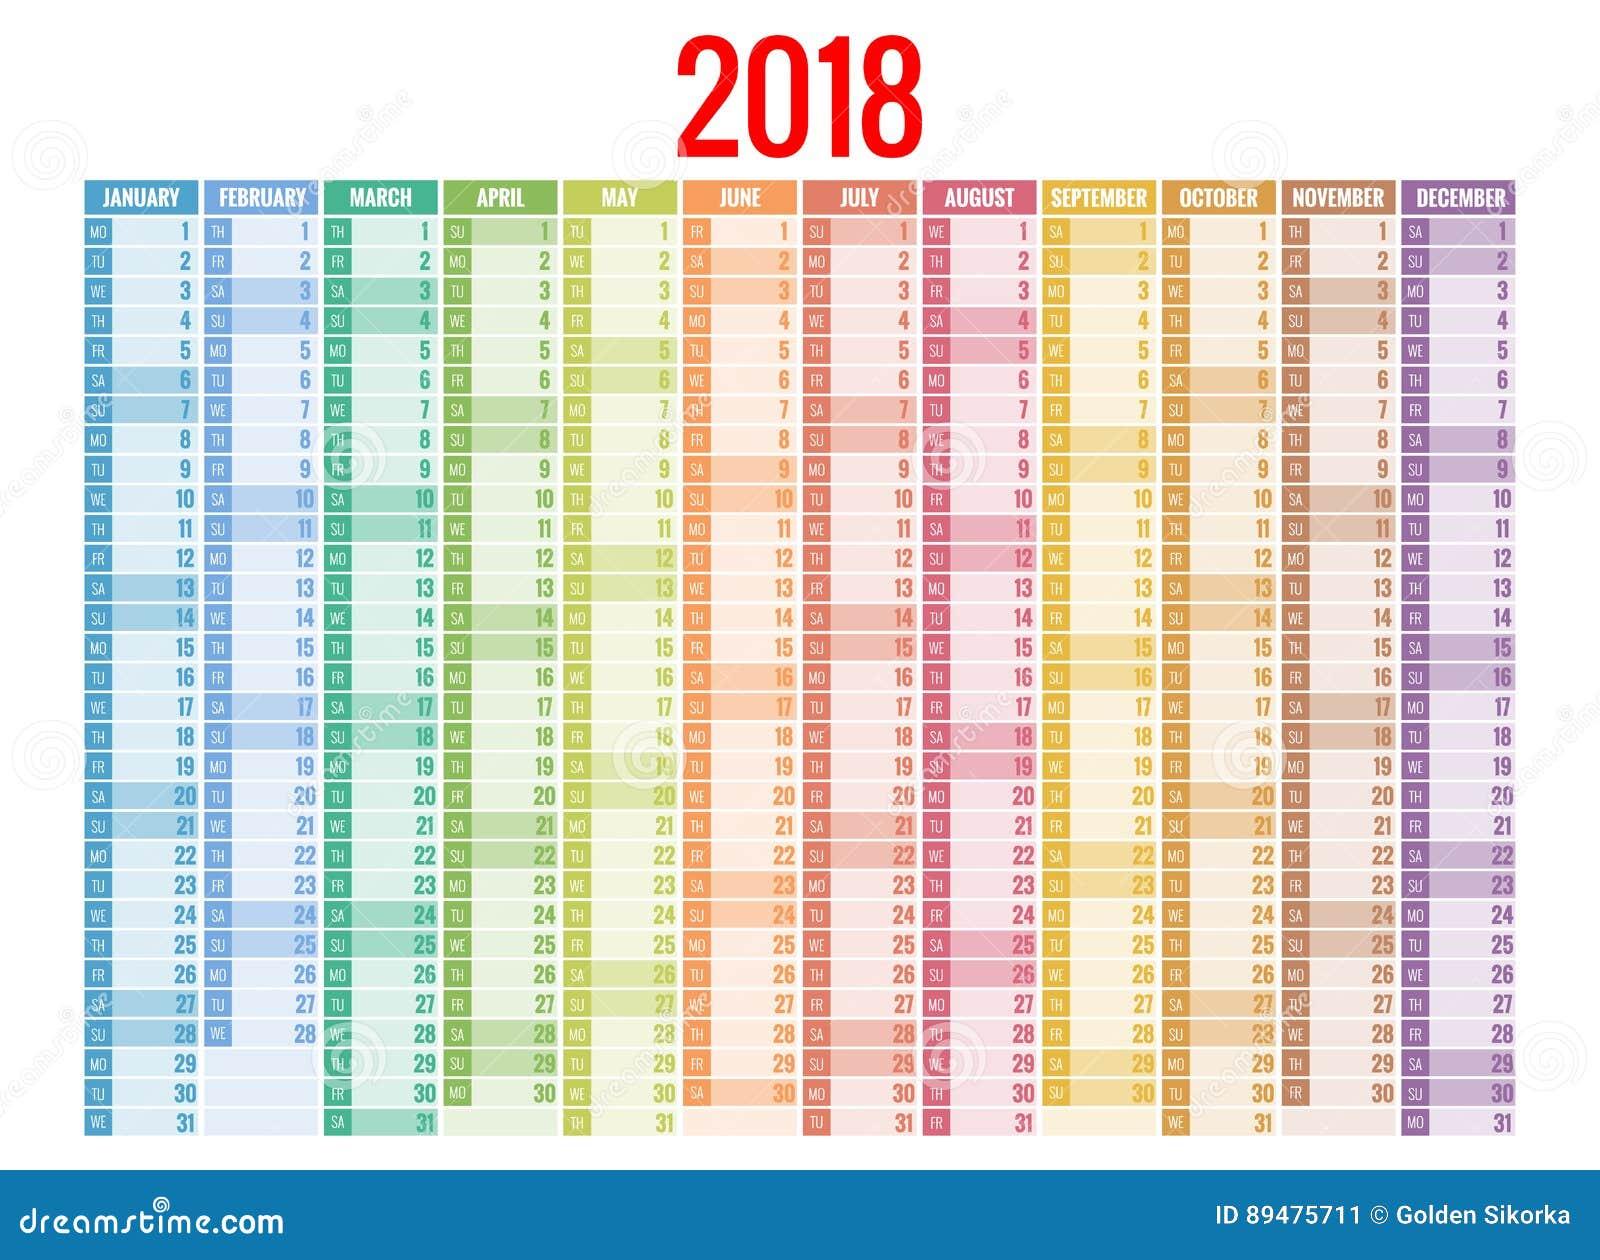 Numero Semaine Calendrier.Calendrier 2018 Calibre D Impression La Semaine Commence